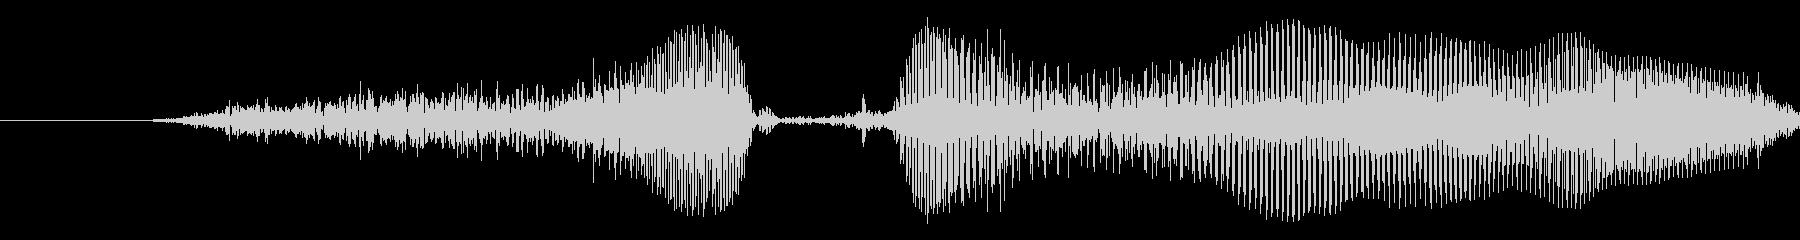 すごい!1【ロリキャラの褒めボイス】の未再生の波形